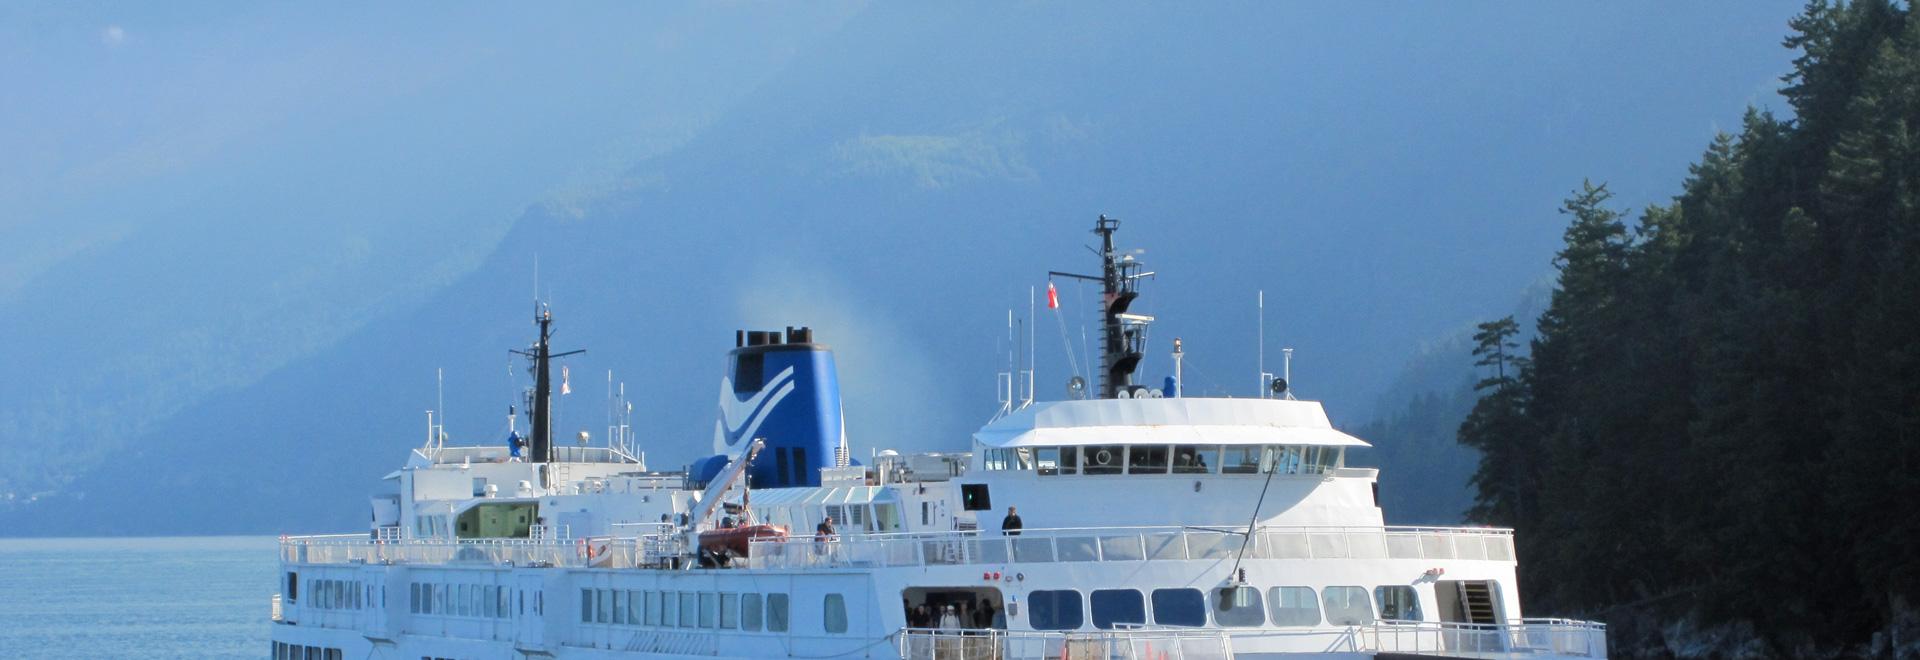 U.S. Tax Victoria - BC Ferries